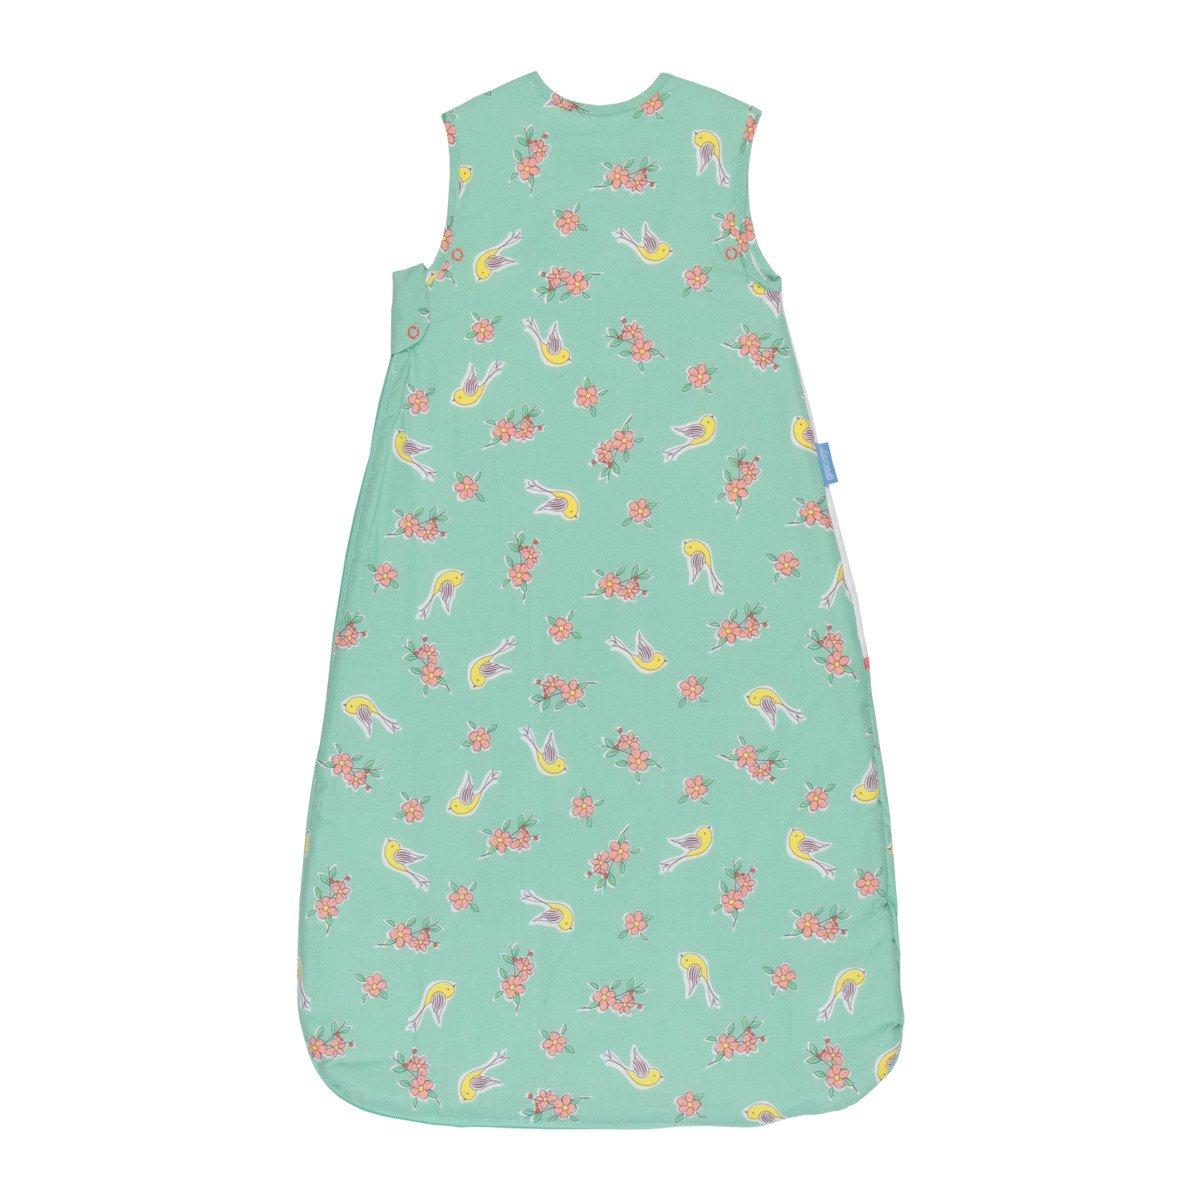 Gro Pajarillos - Saco de dormir premium, para 18-36 meses, 98 cm, multicolor: Amazon.es: Bebé